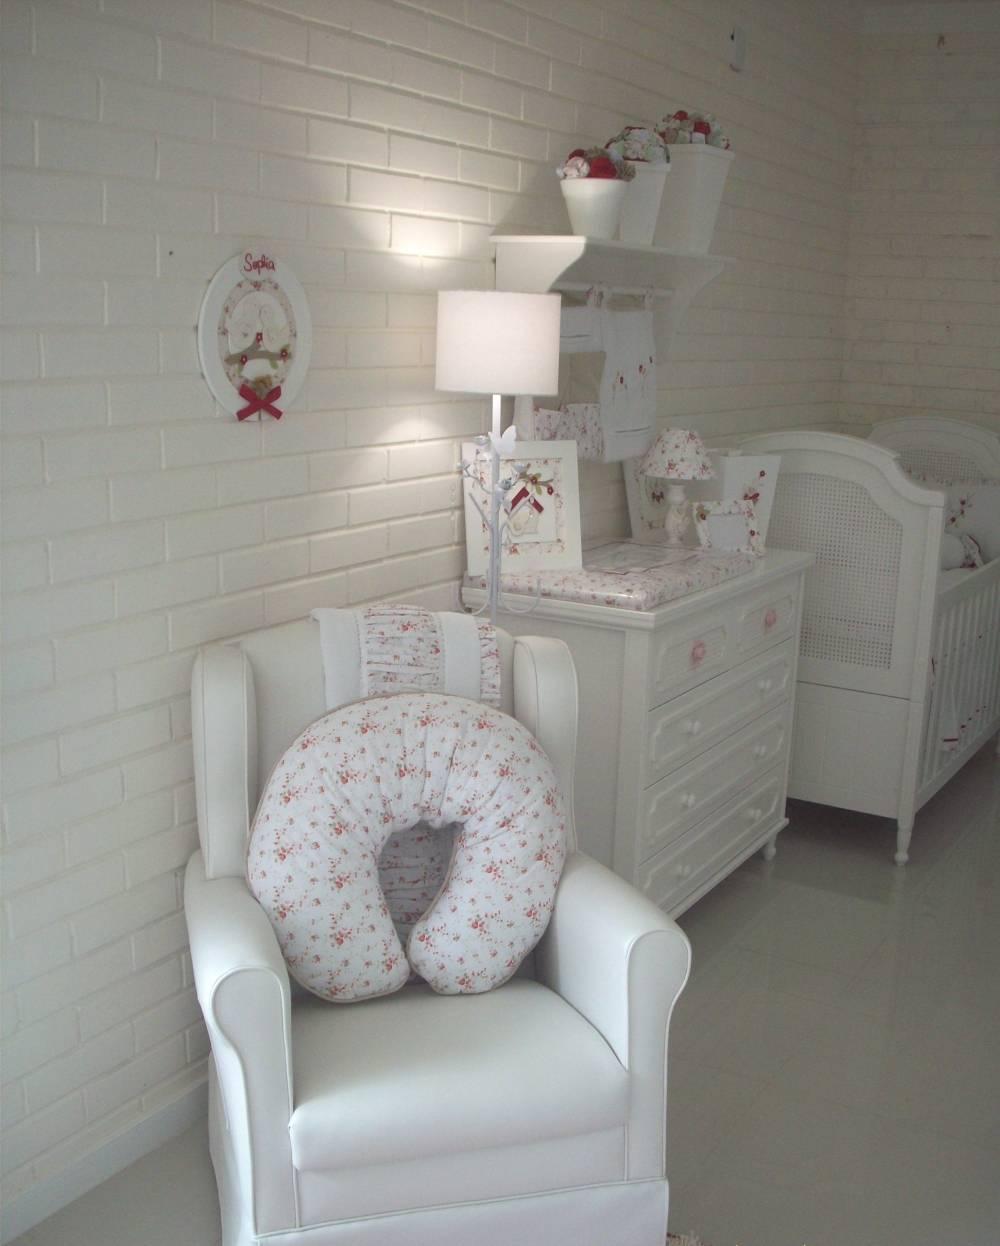 Decoração de Quarto de Bebê em Apartamento Pequeno em Caieiras - Decoração Quarto Pequeno Bebê